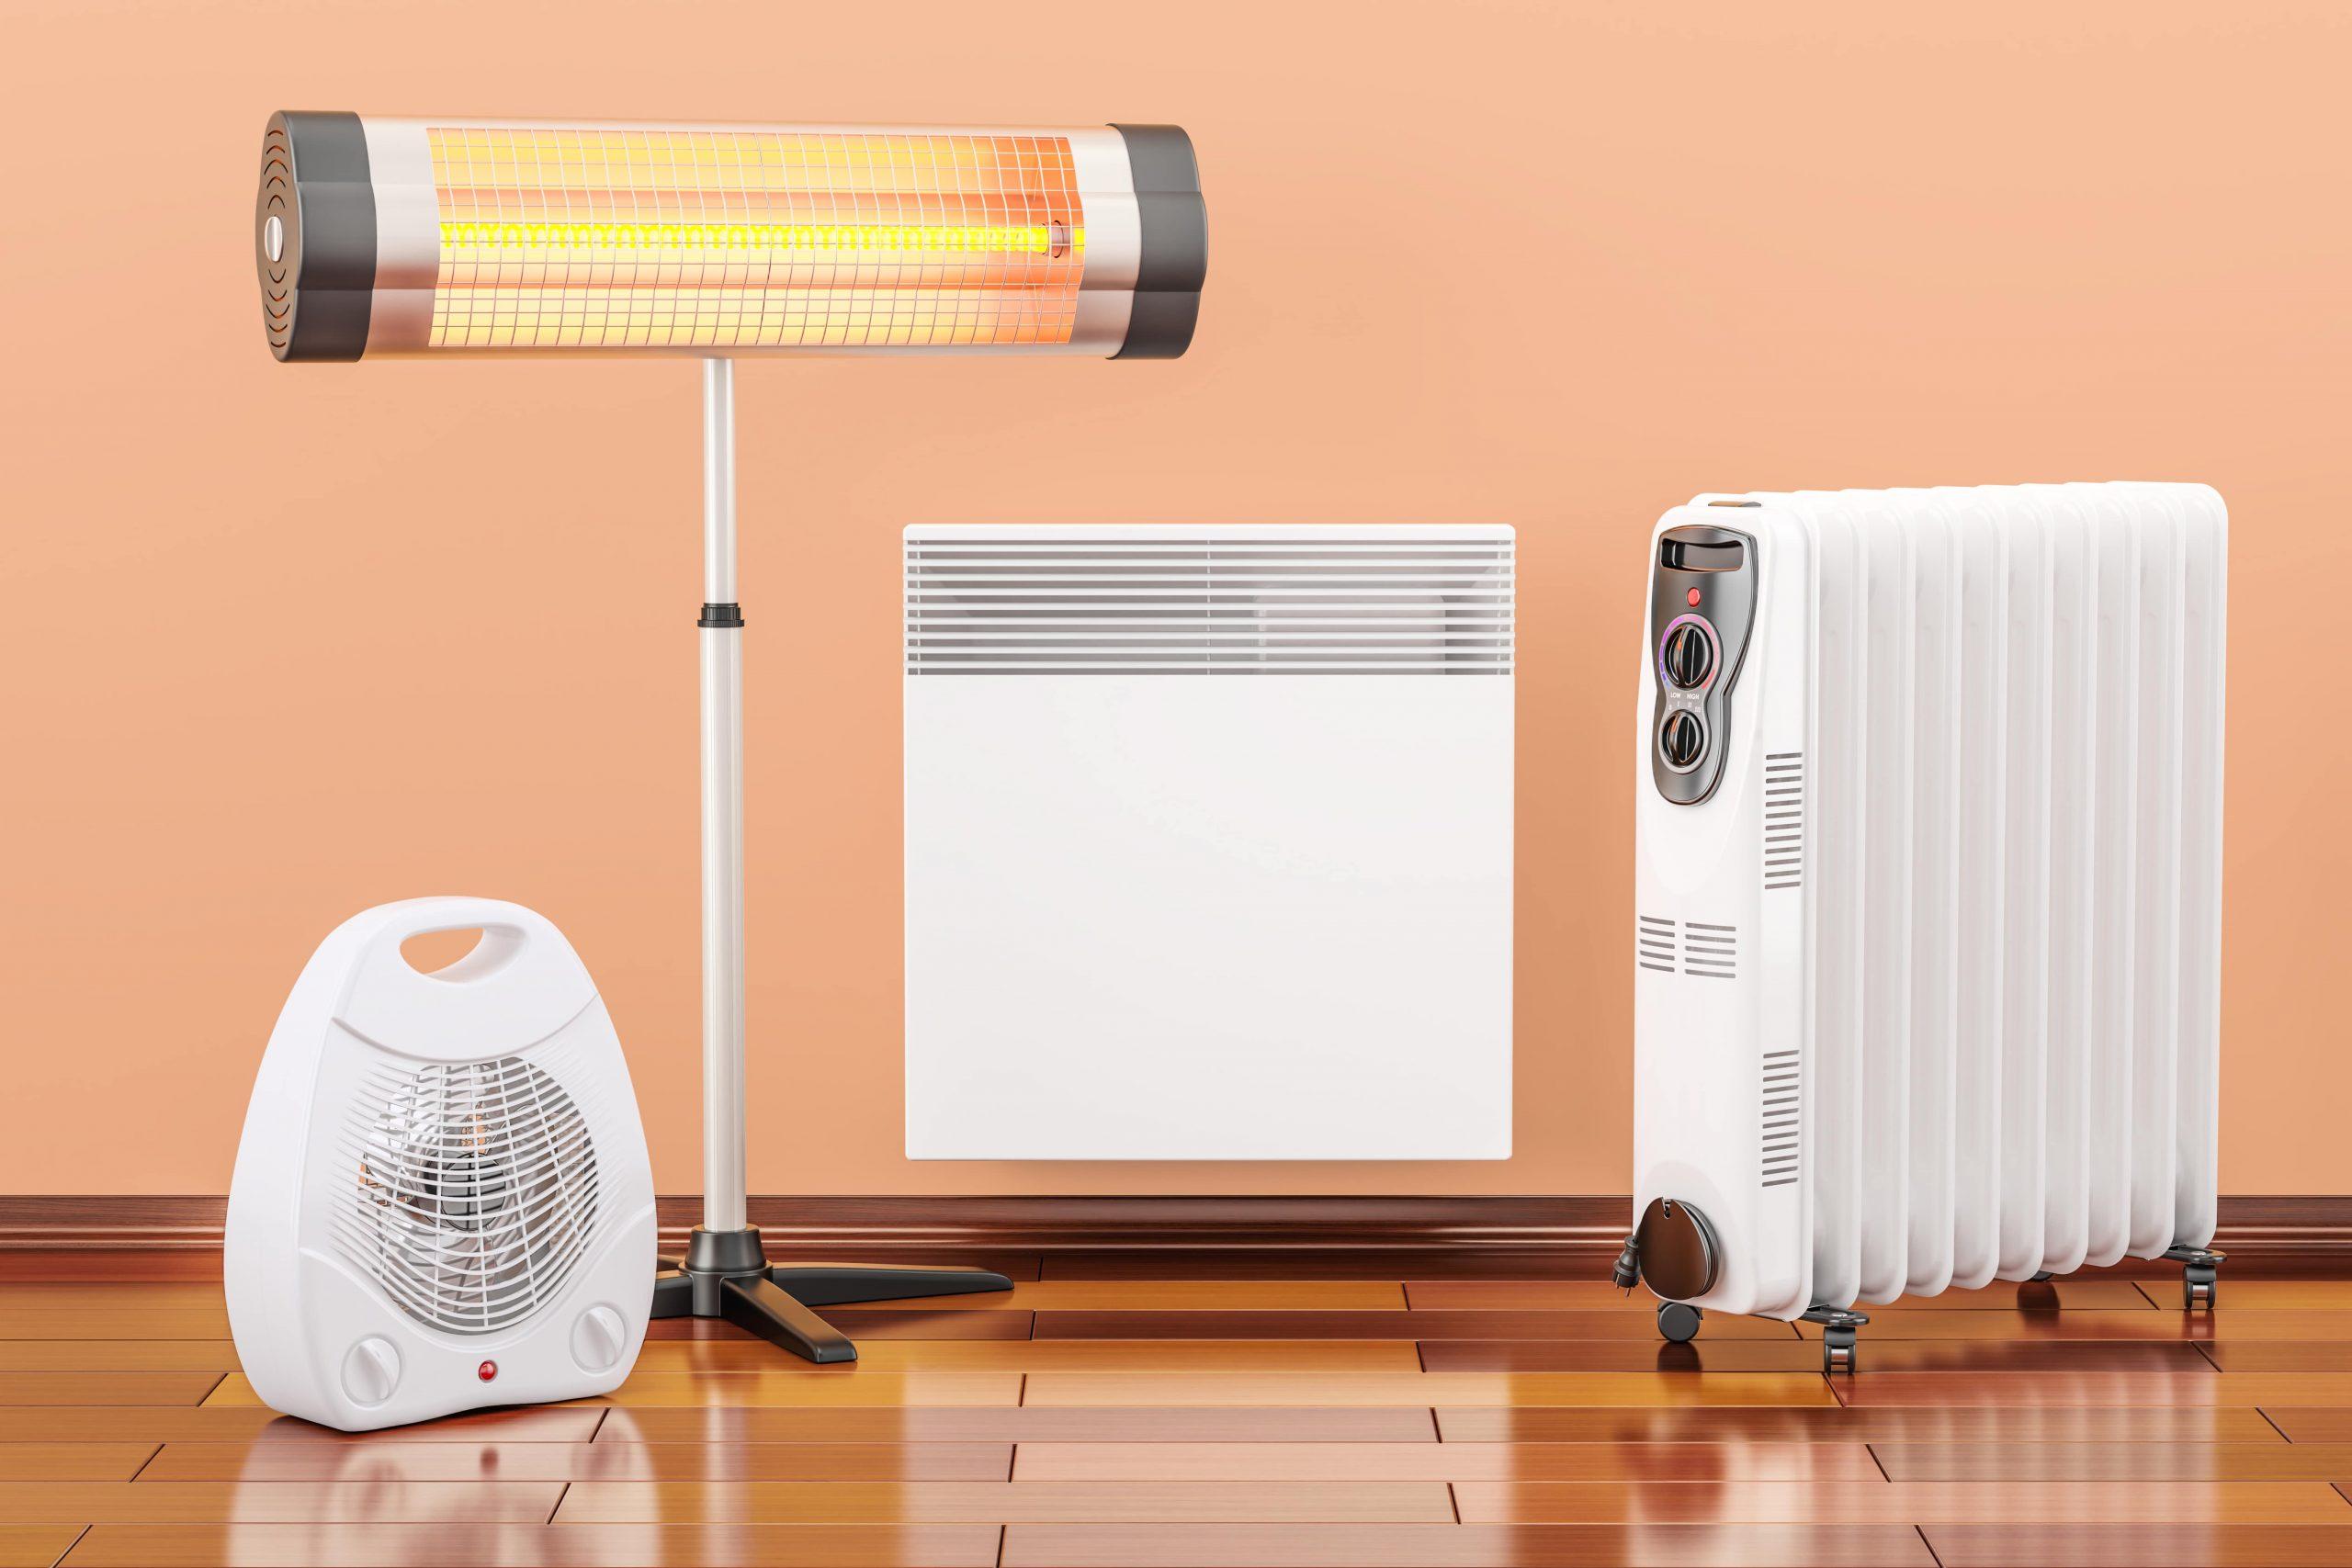 Chauffage infrarouge : fonctionnement, prix et critères de choix